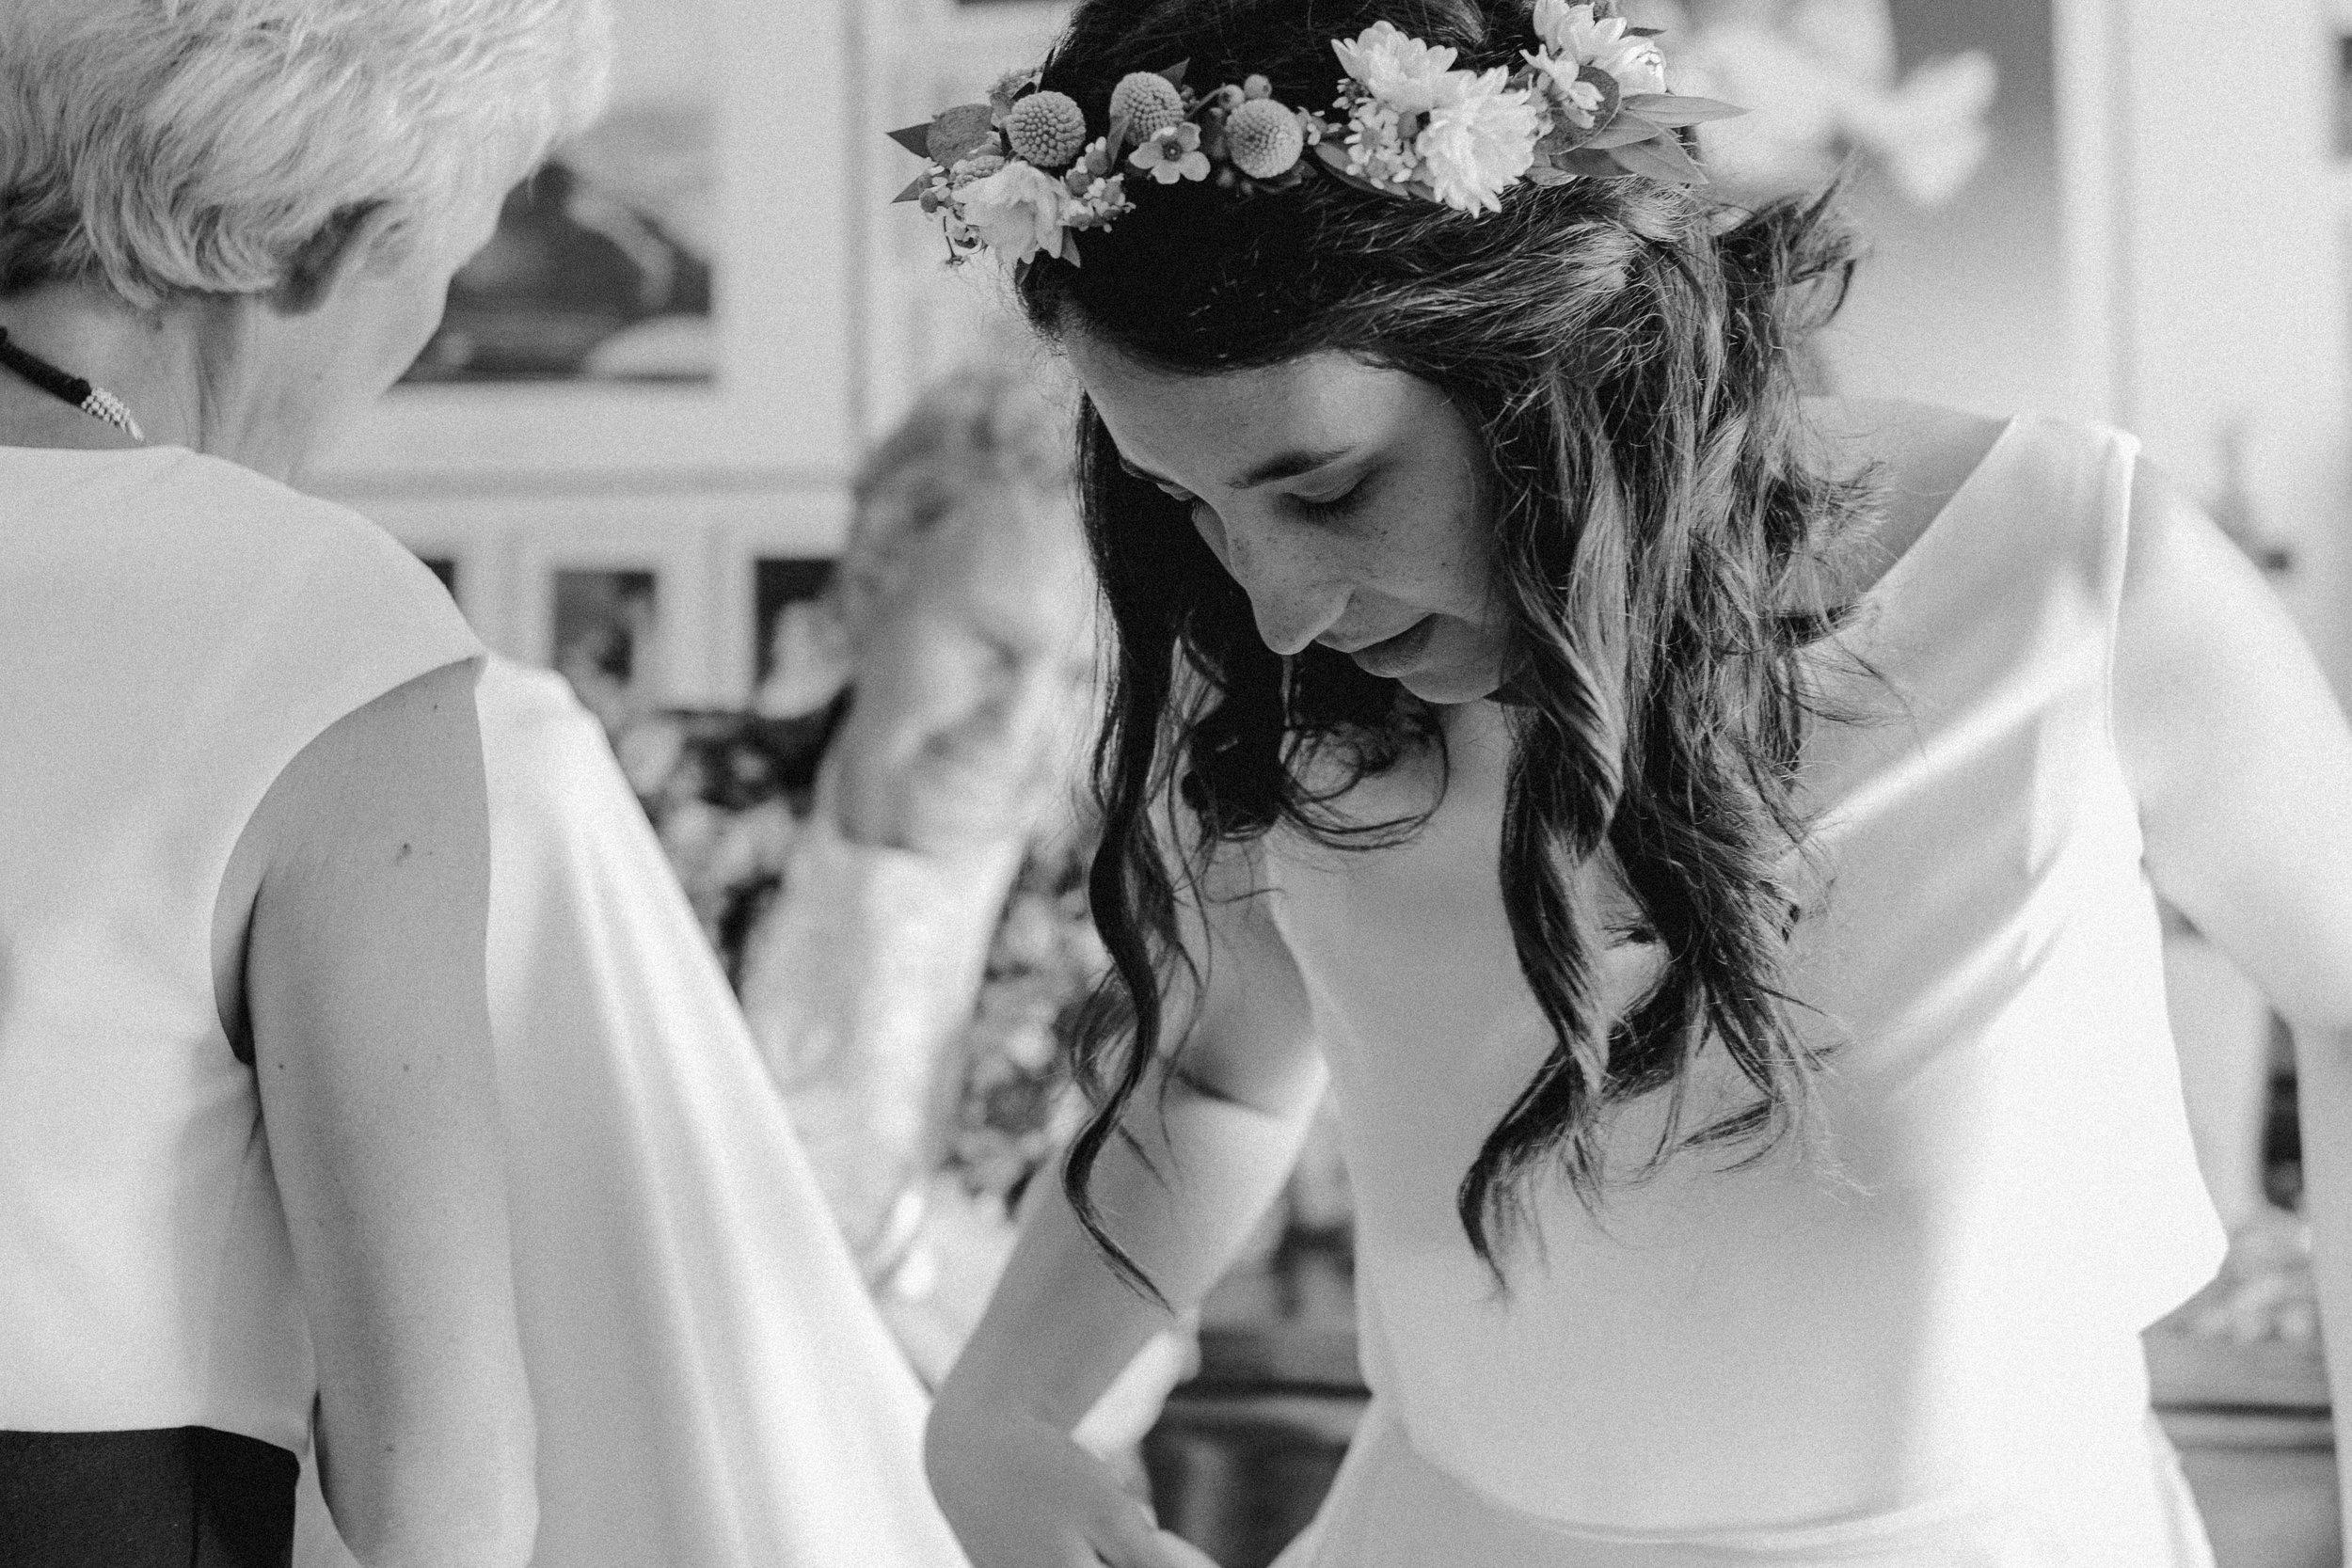 092 - Preparazione sposa.JPG